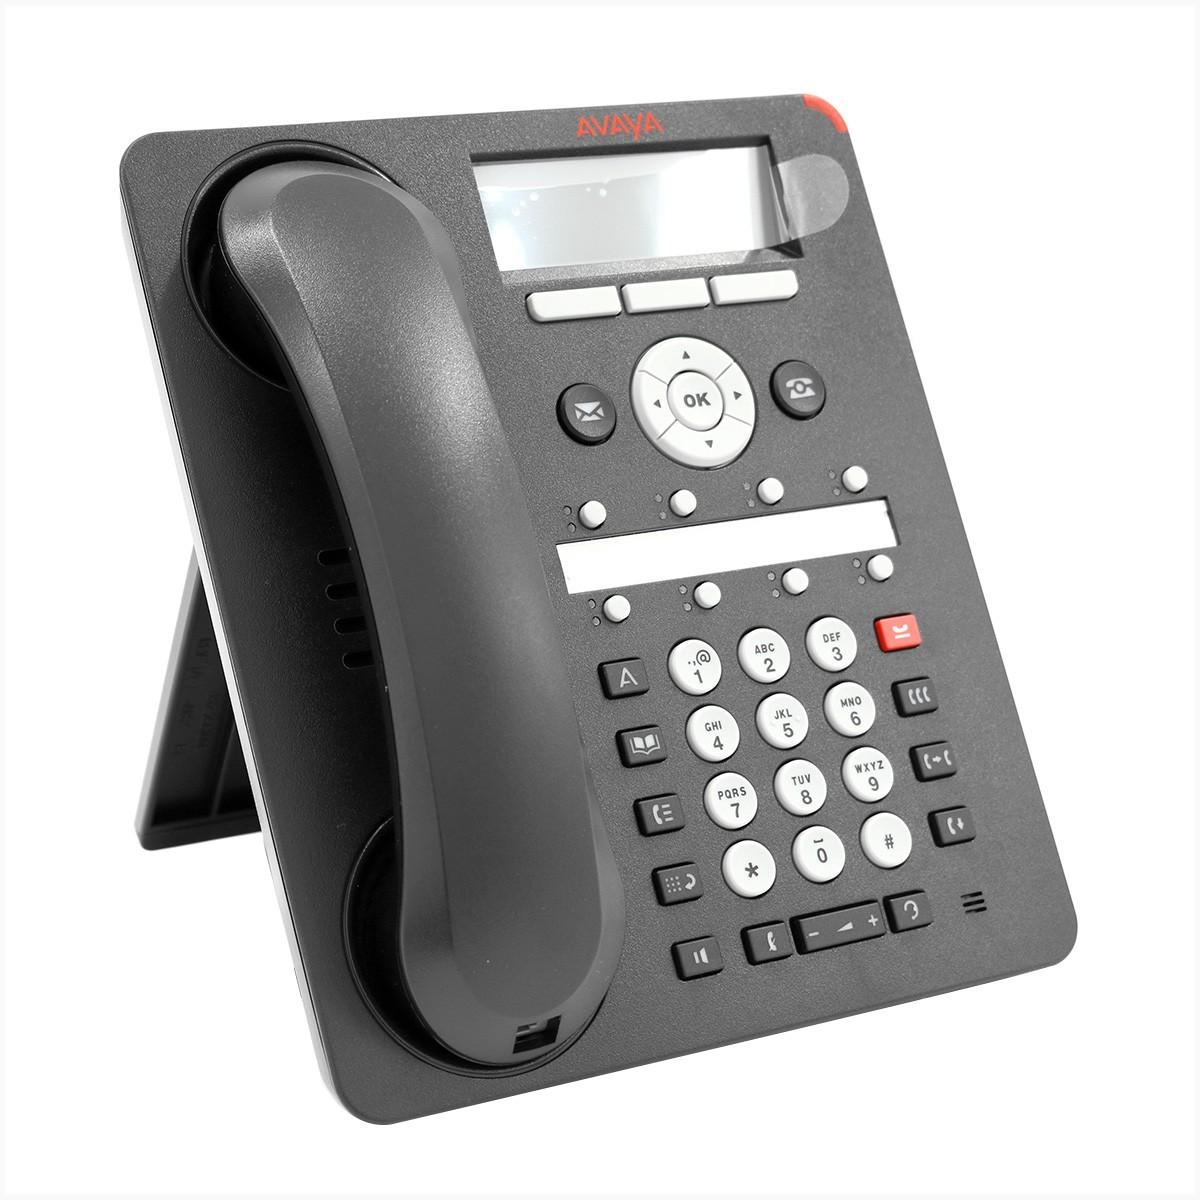 Deskphone ip phone avaya 1608-i - usado